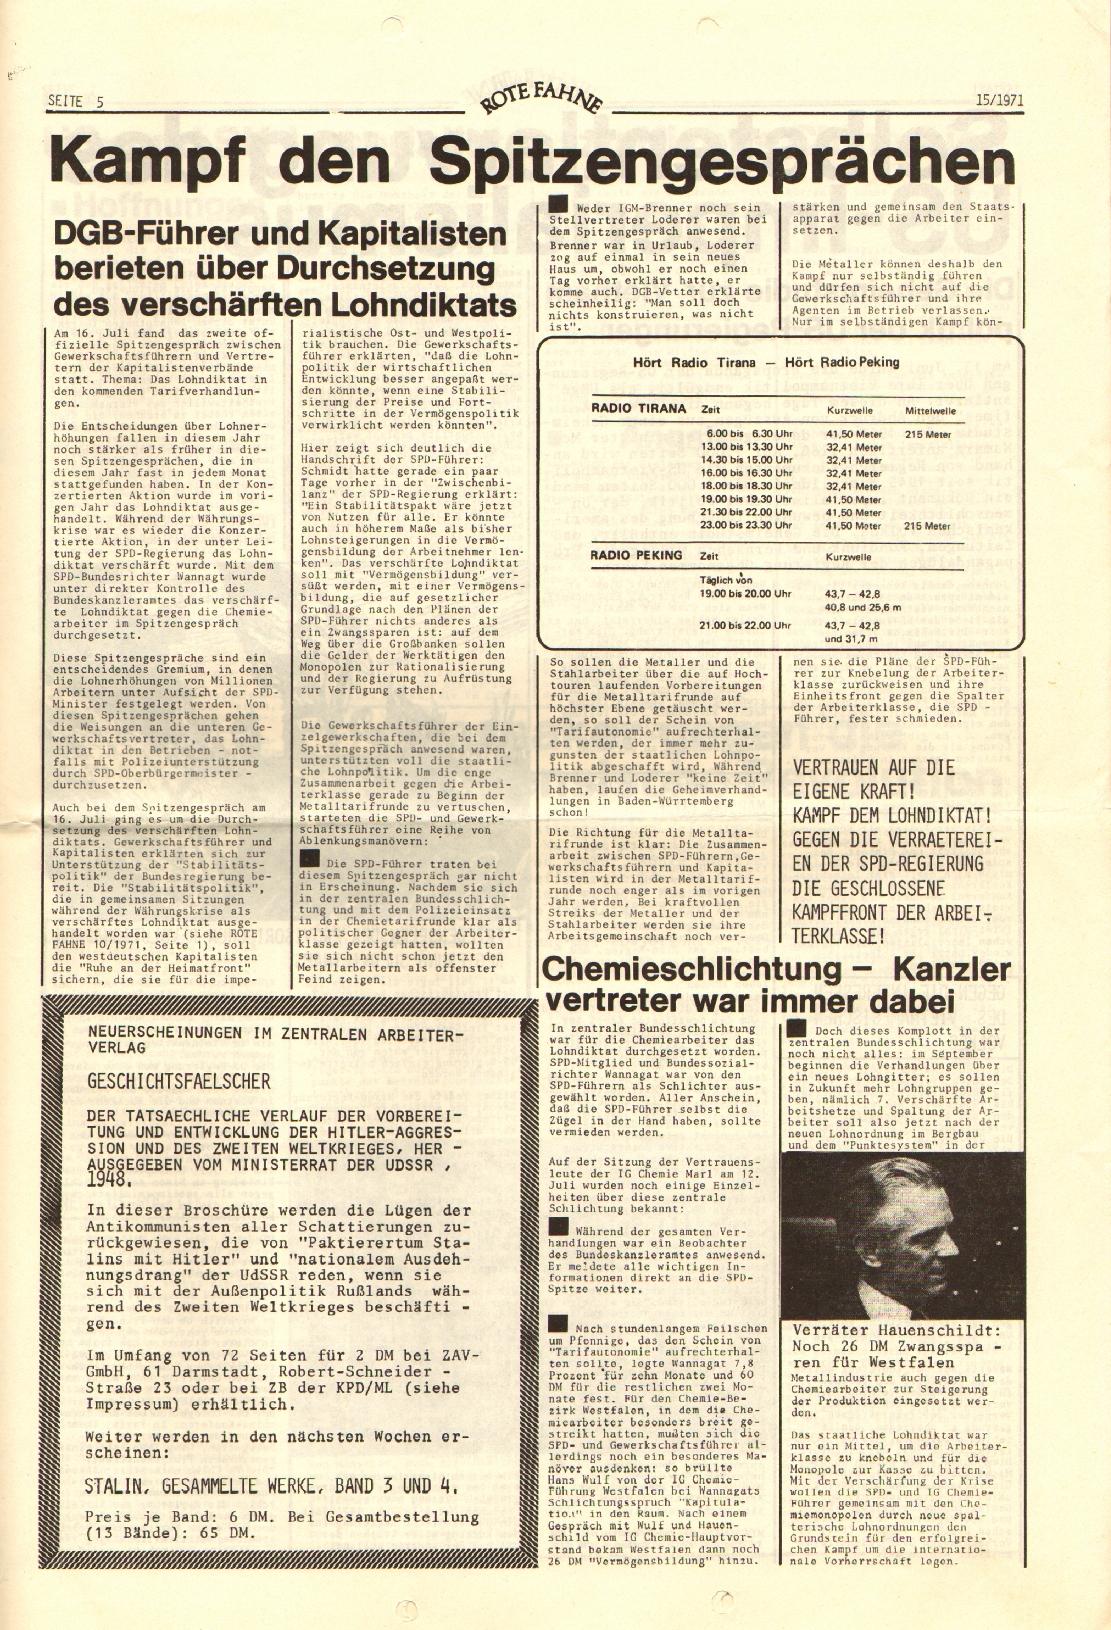 Rote Fahne, 2. Jg., 2.8.1971, Nr. 15, Seite 5